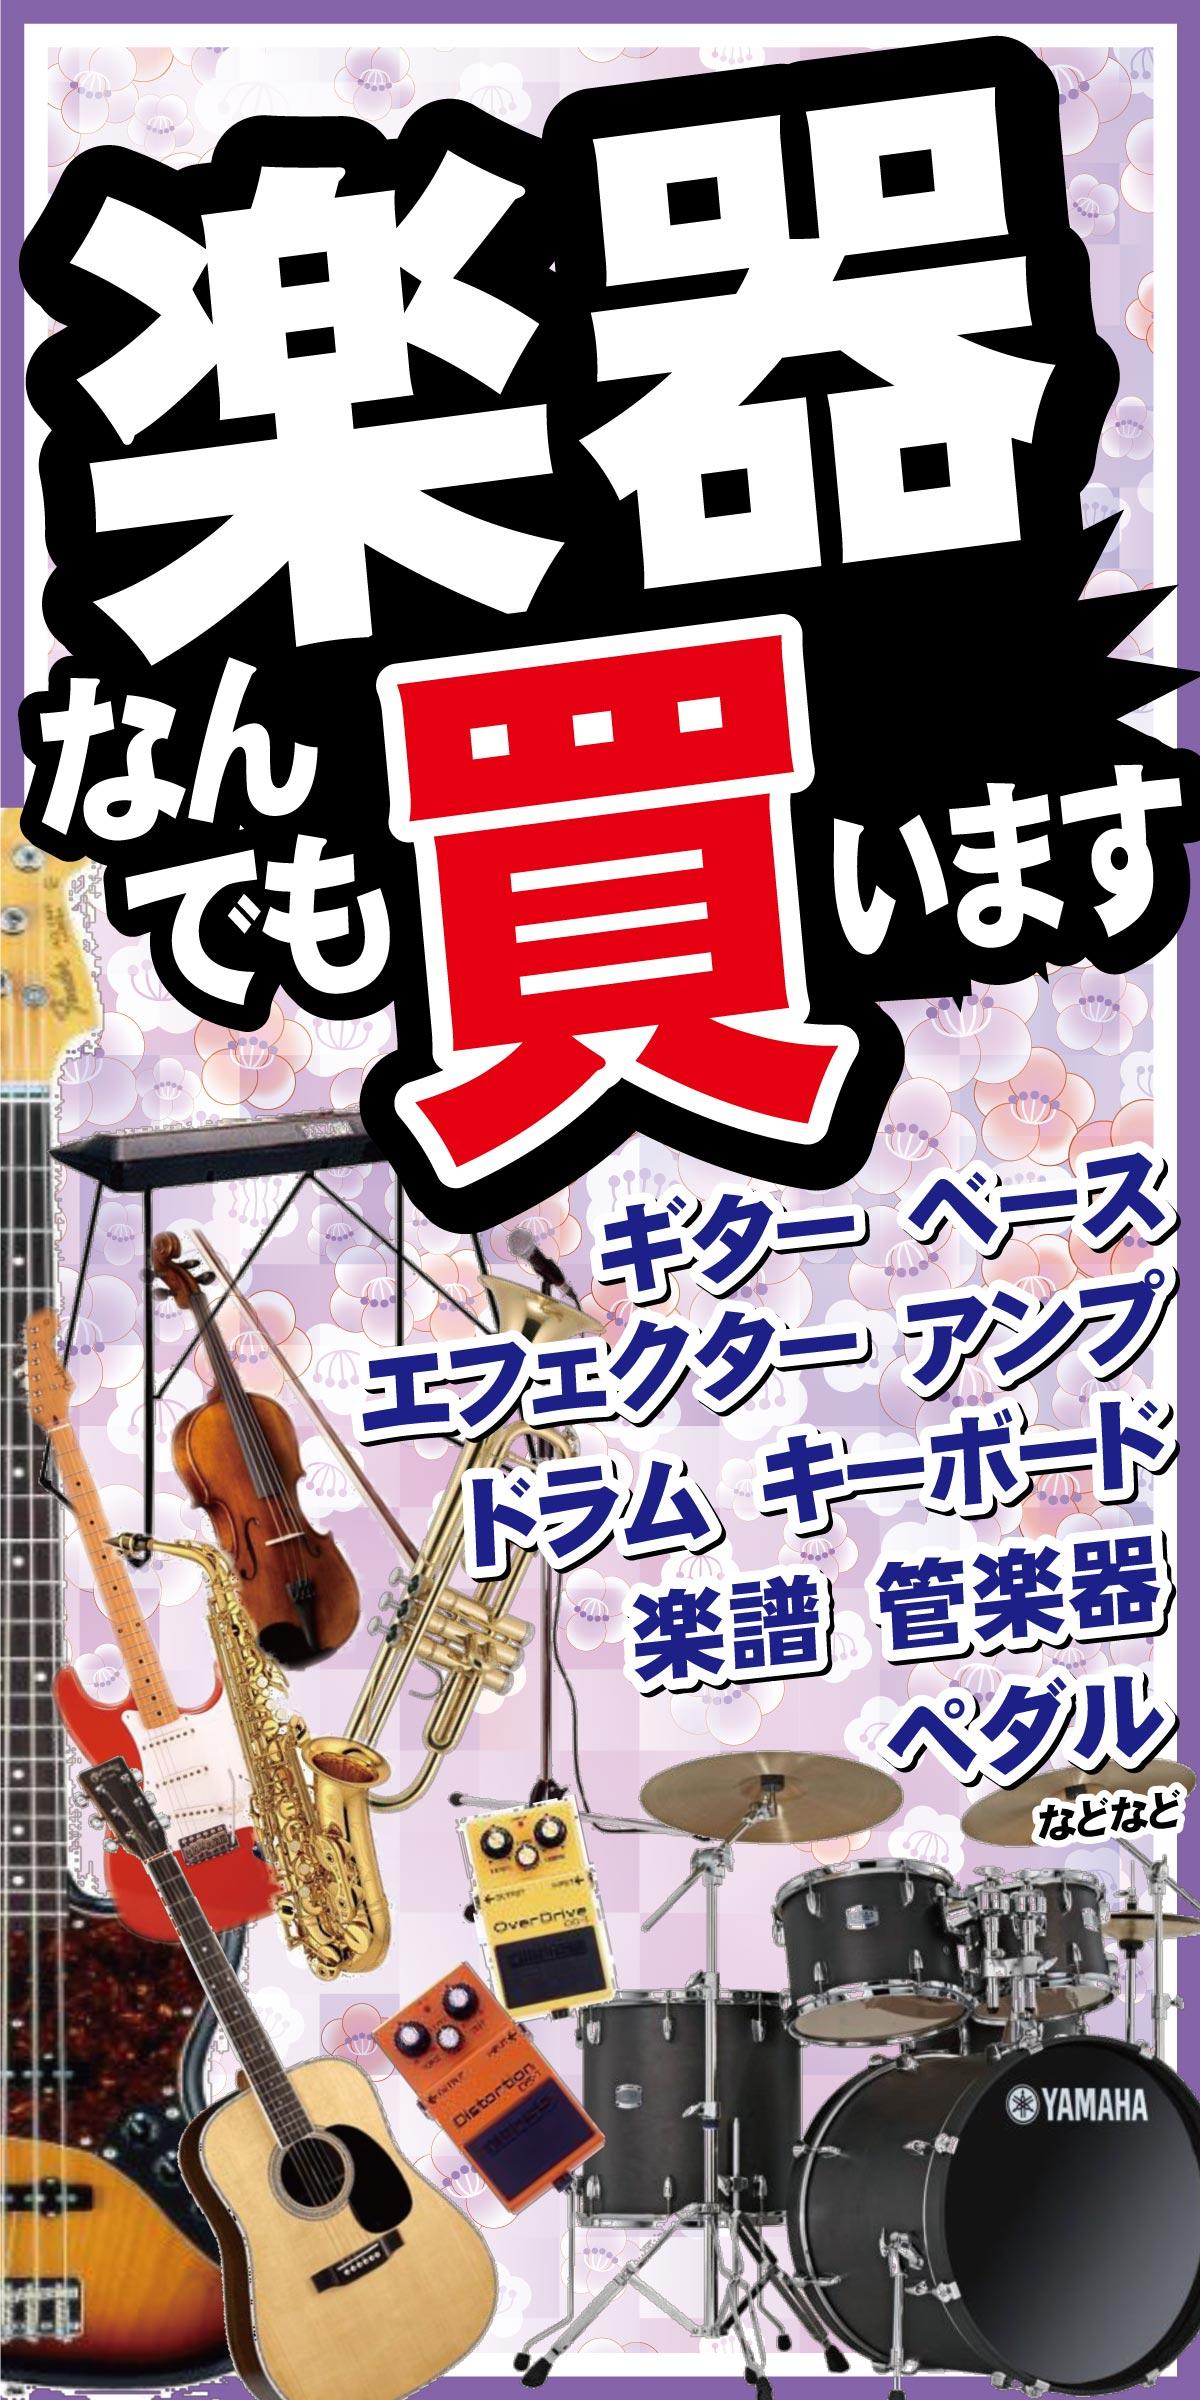 「開放倉庫山城店」古着館<楽器なんでも買います!>ギター、ベース、エフェクター、アンプ、ドラム、キーボード、楽譜、管楽器、ペダルなどなど